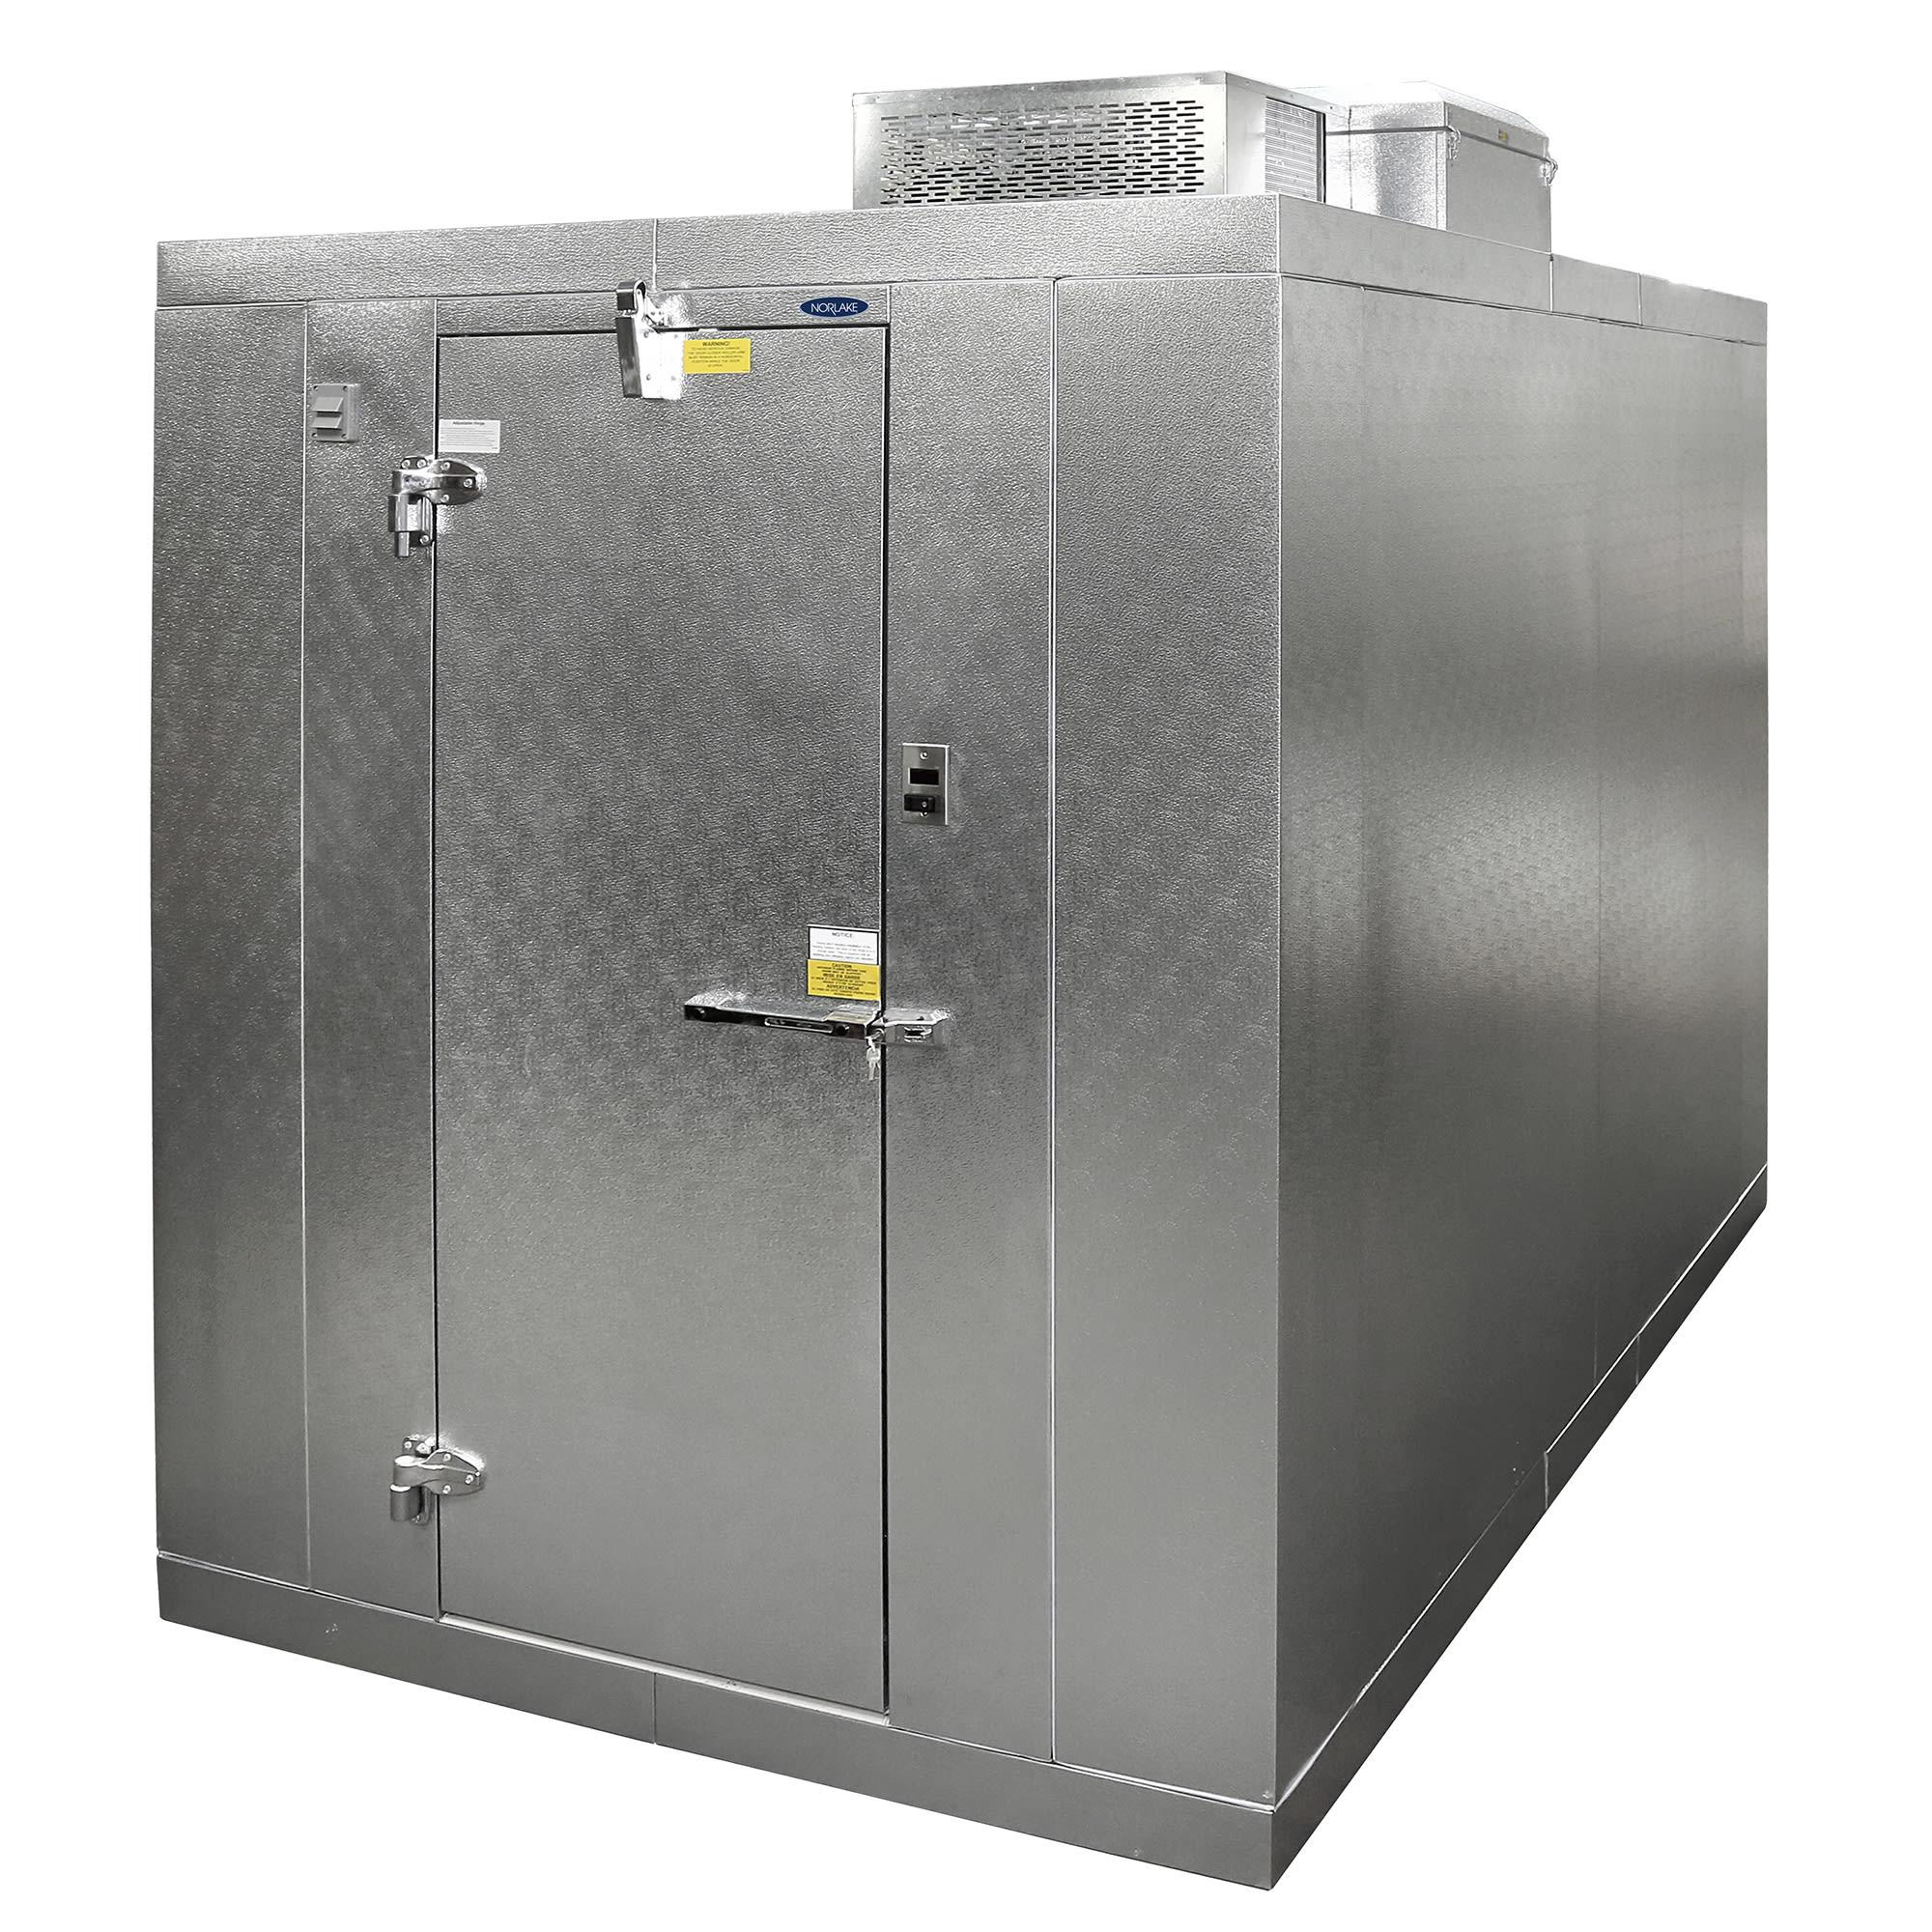 Norlake KLB810-C Indoor Walk-In Refrigerator w/ Top Mount Compressor, 8' x 10'